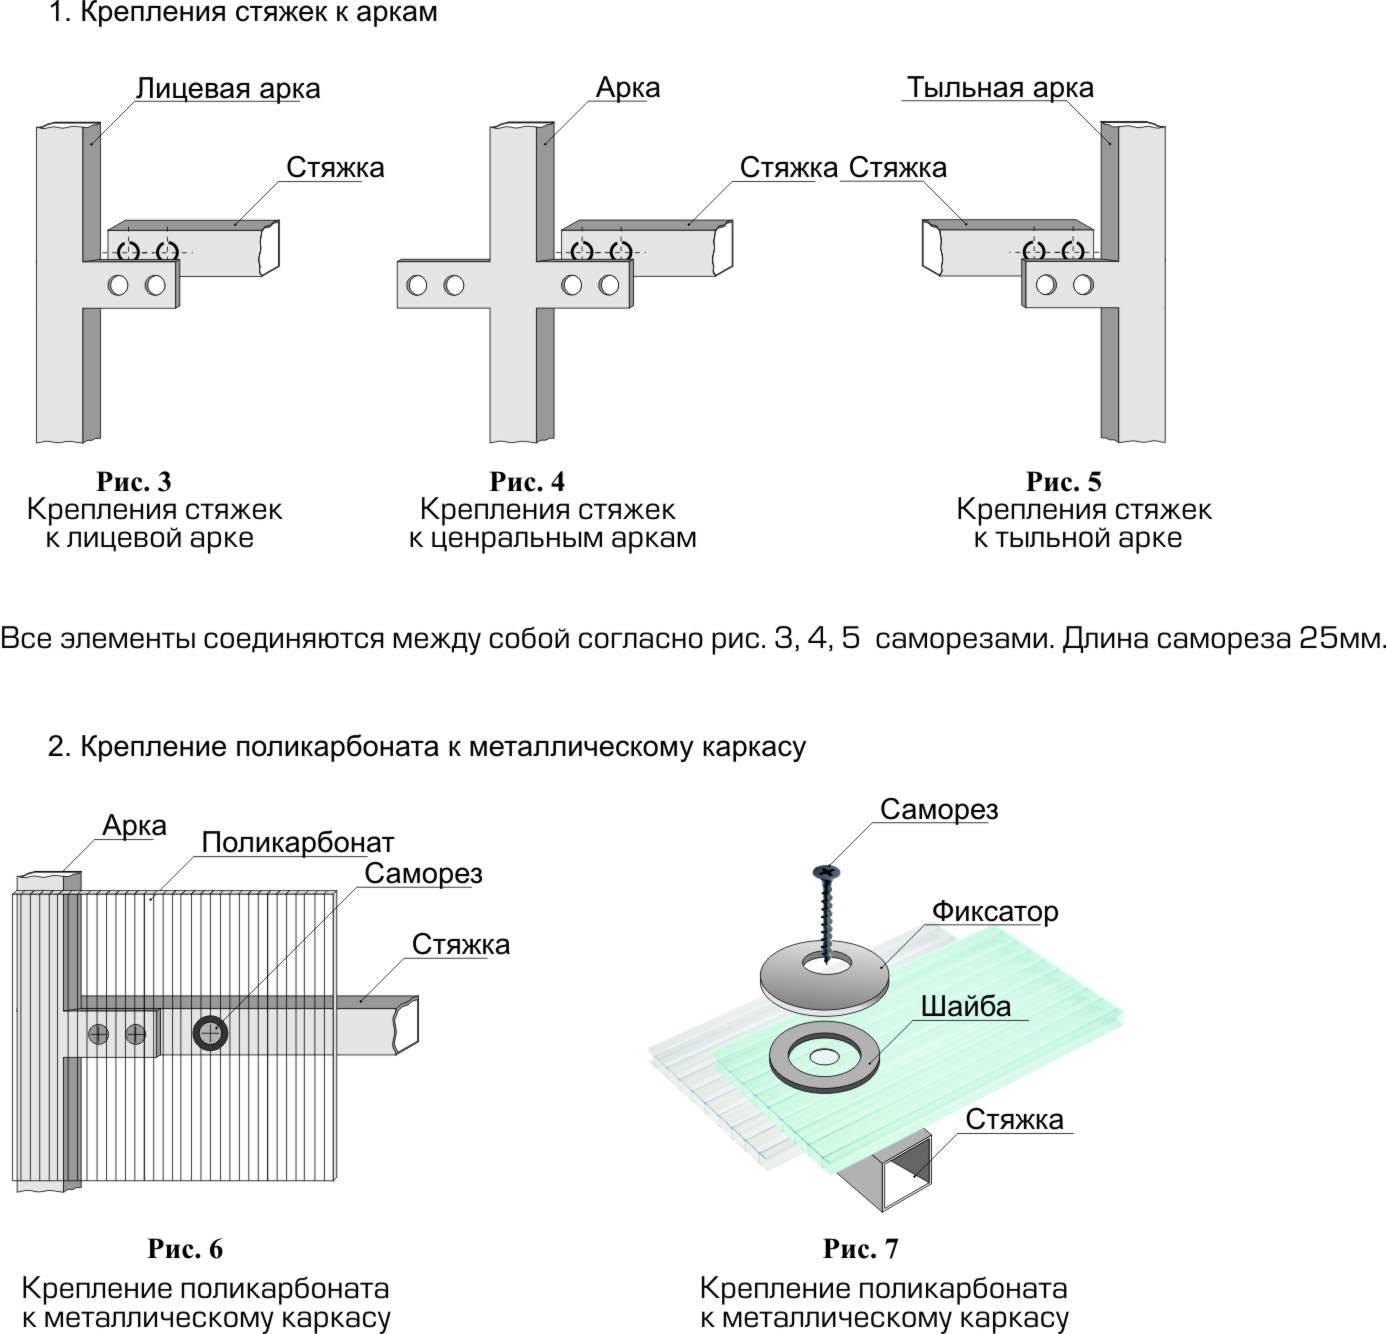 Схема крепления поликарбоната на торцах теплицы 32